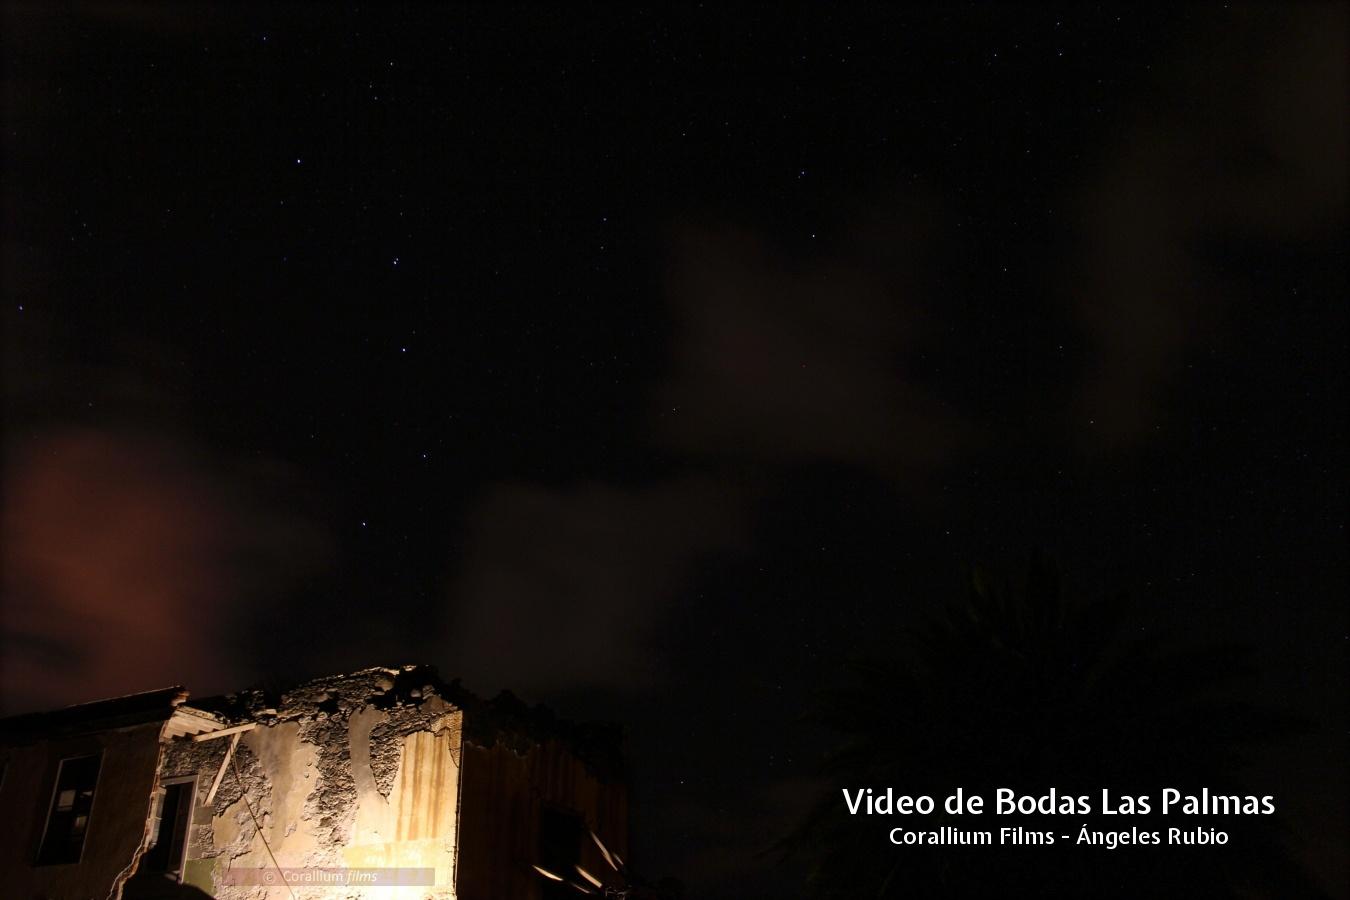 Fotografía Playa de San Felipe (Gran Canaria) ©Coralliumfilms - Nocturnas - Fotografía en Las Palmas de Gran Canaria